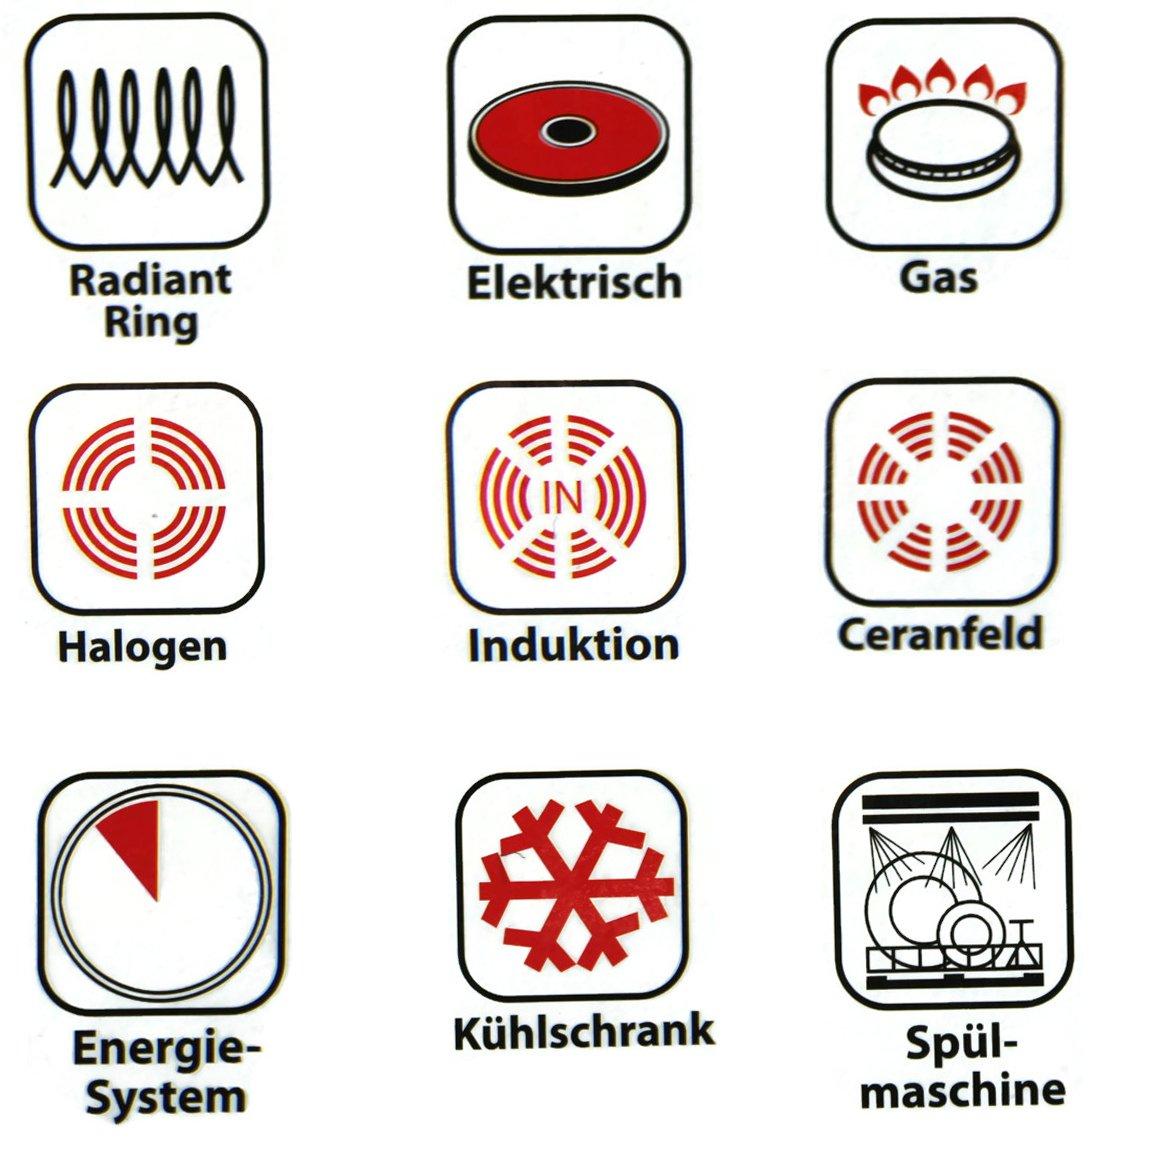 Gemütlich Energiesystem Symbole Galerie - Elektrische Schaltplan ...